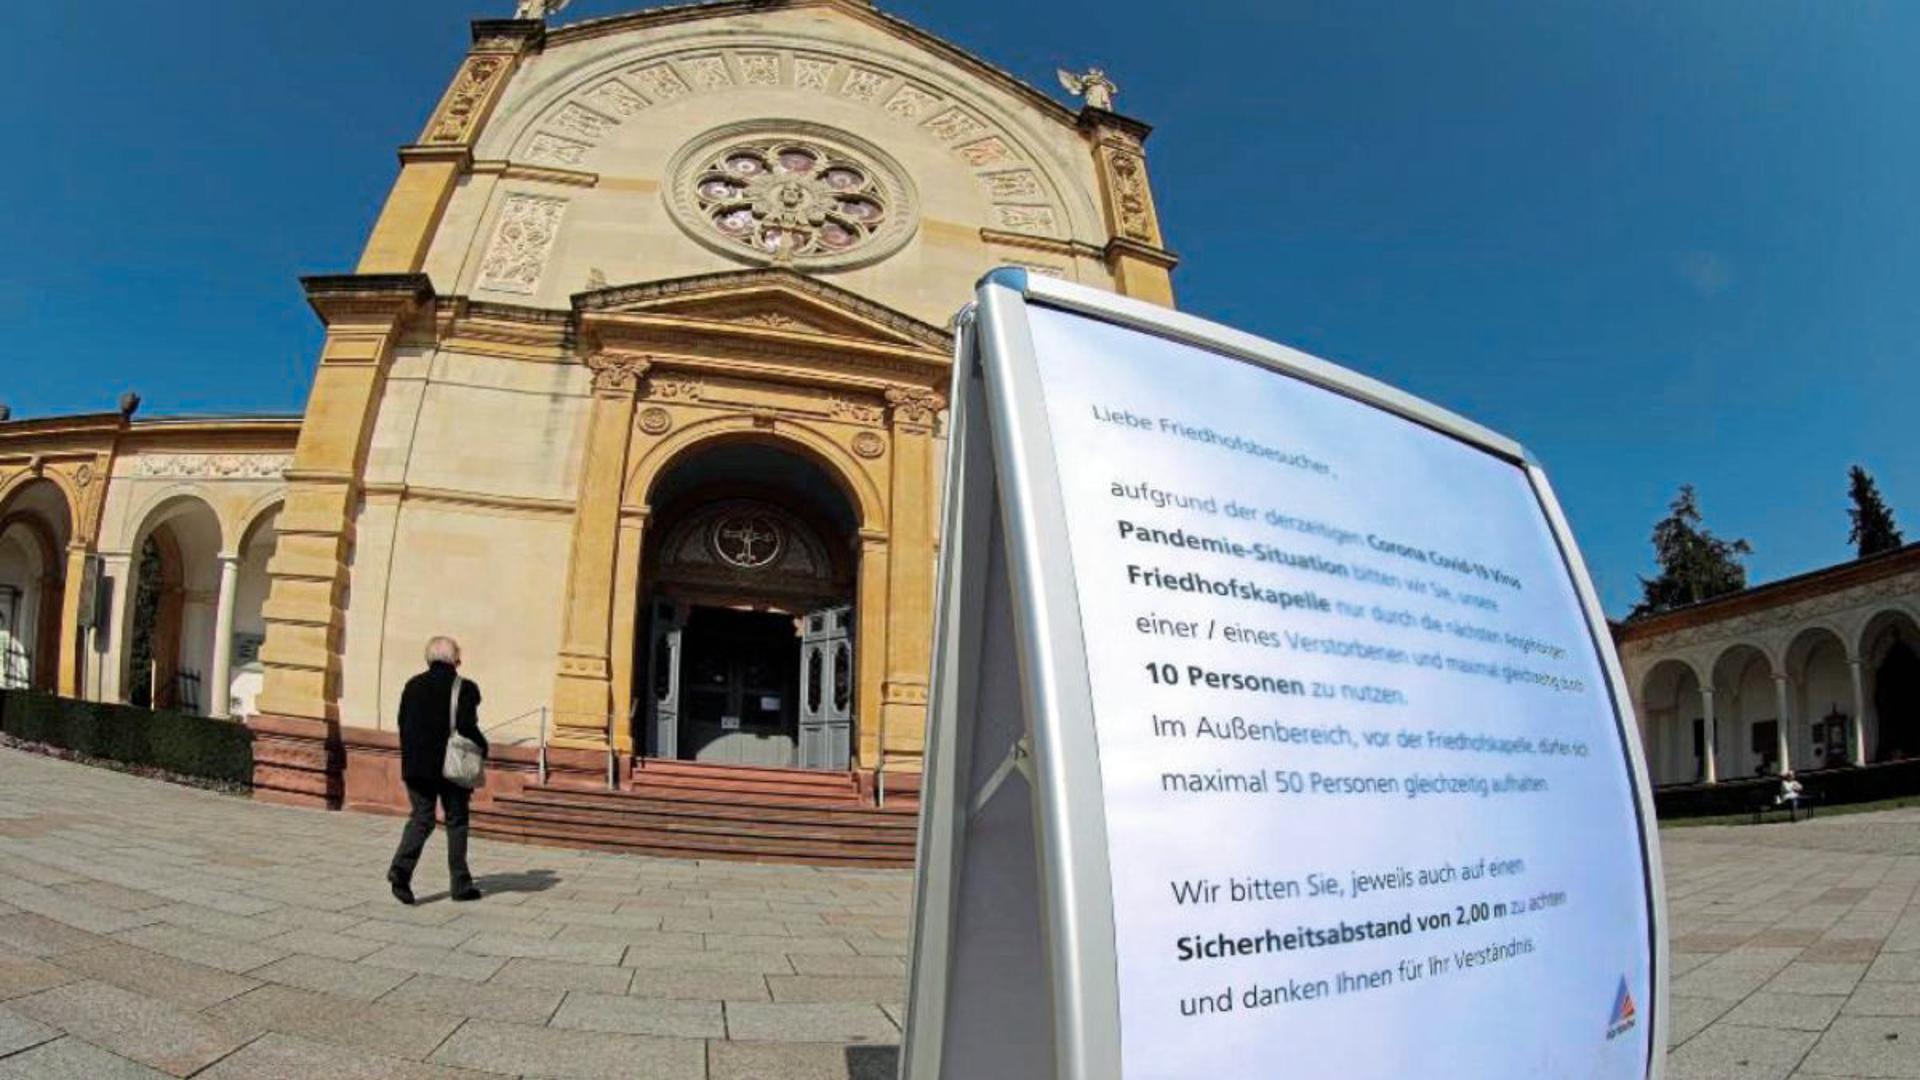 Trauerfeiern in Karlsruhe müssen wegen des Coronavirus derzeit in kleinem Rahmen stattfinden. Höchstens zehn Hinterbliebene dürfen gleichzeitig in die Kapelle.